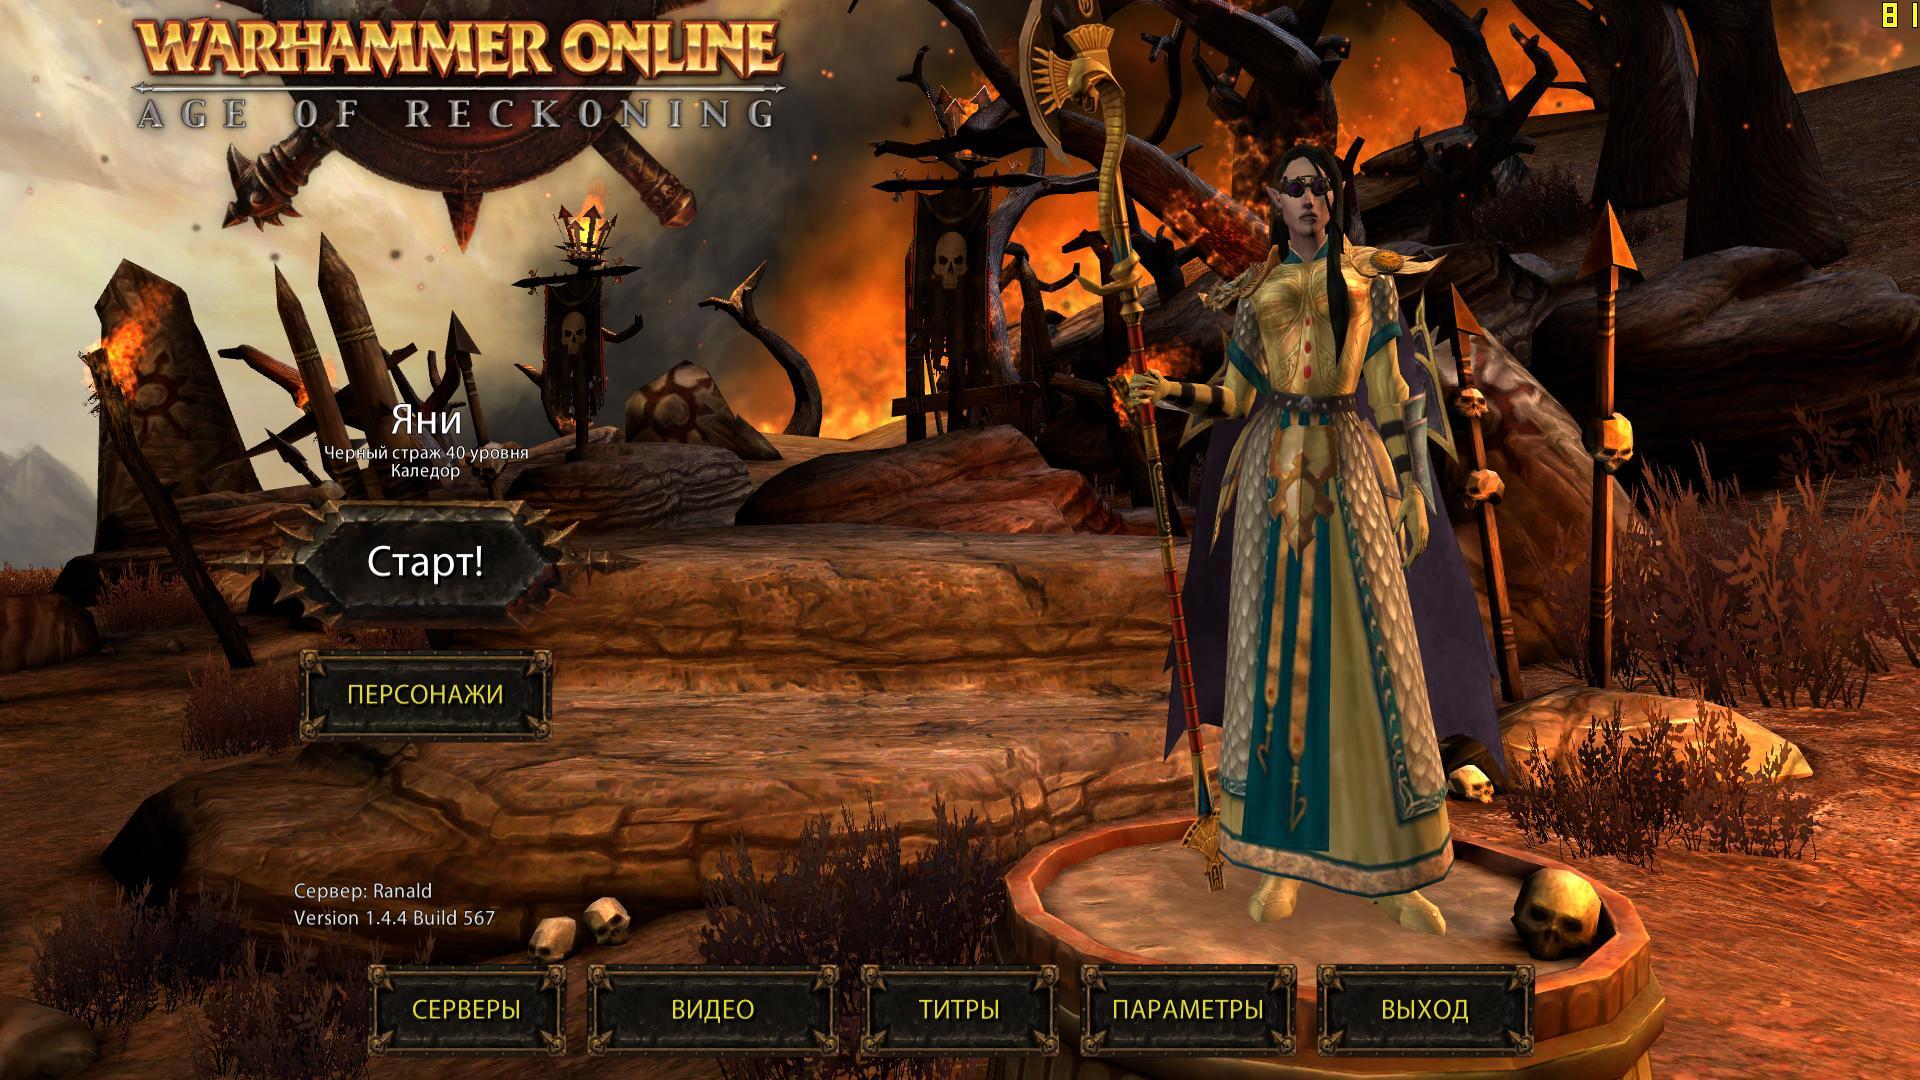 warhammer online age of reckoning гайды